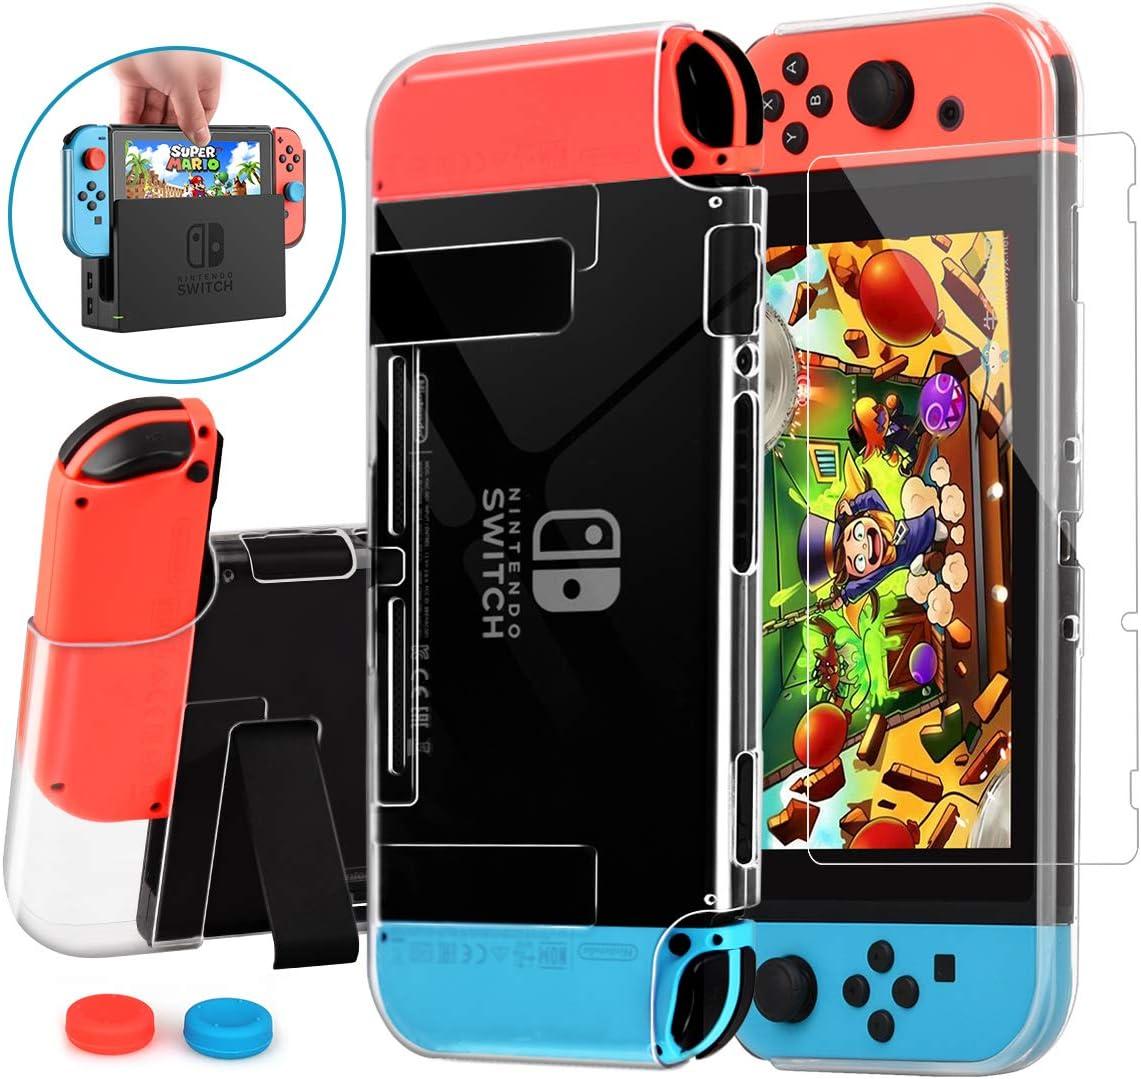 Carcasa Nintendo Switch, HEYSTOP Funda Nintendo Switch con Protector de Pantalla para Nintendo Switch Console y Joy Cons con 6 Agarres para el Pulgar: Amazon.es: Videojuegos